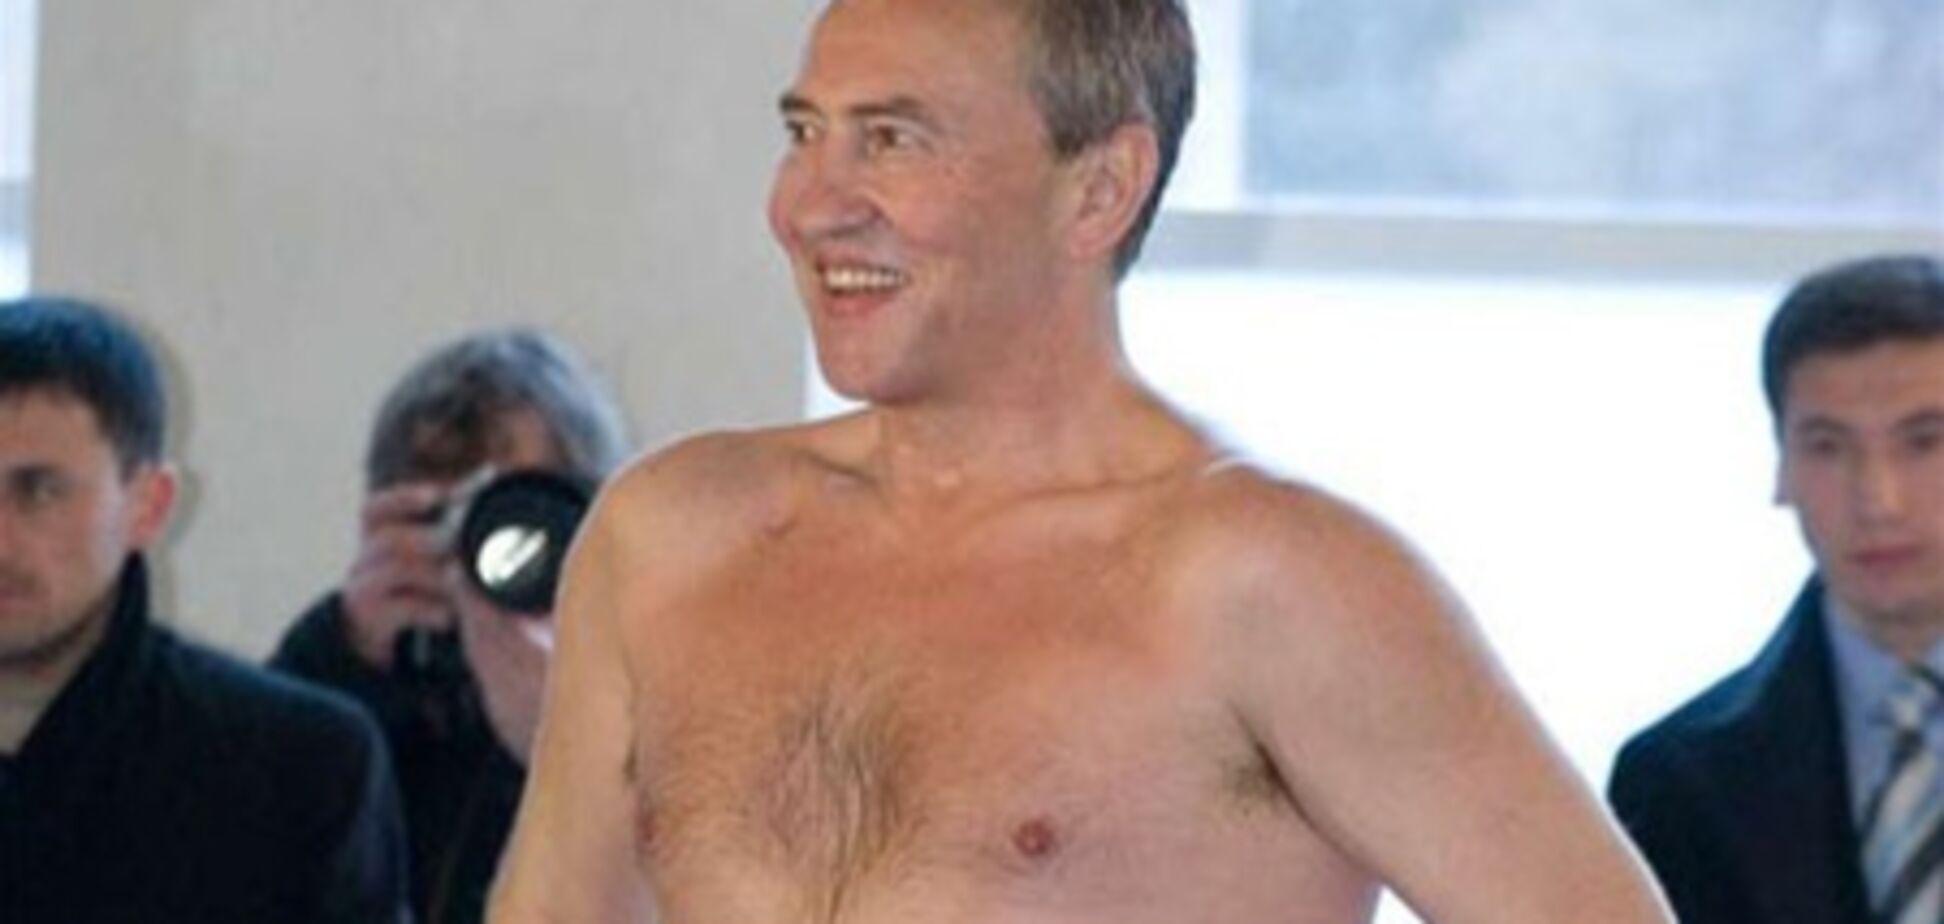 Черновецкий доволен собой и без пластических операций